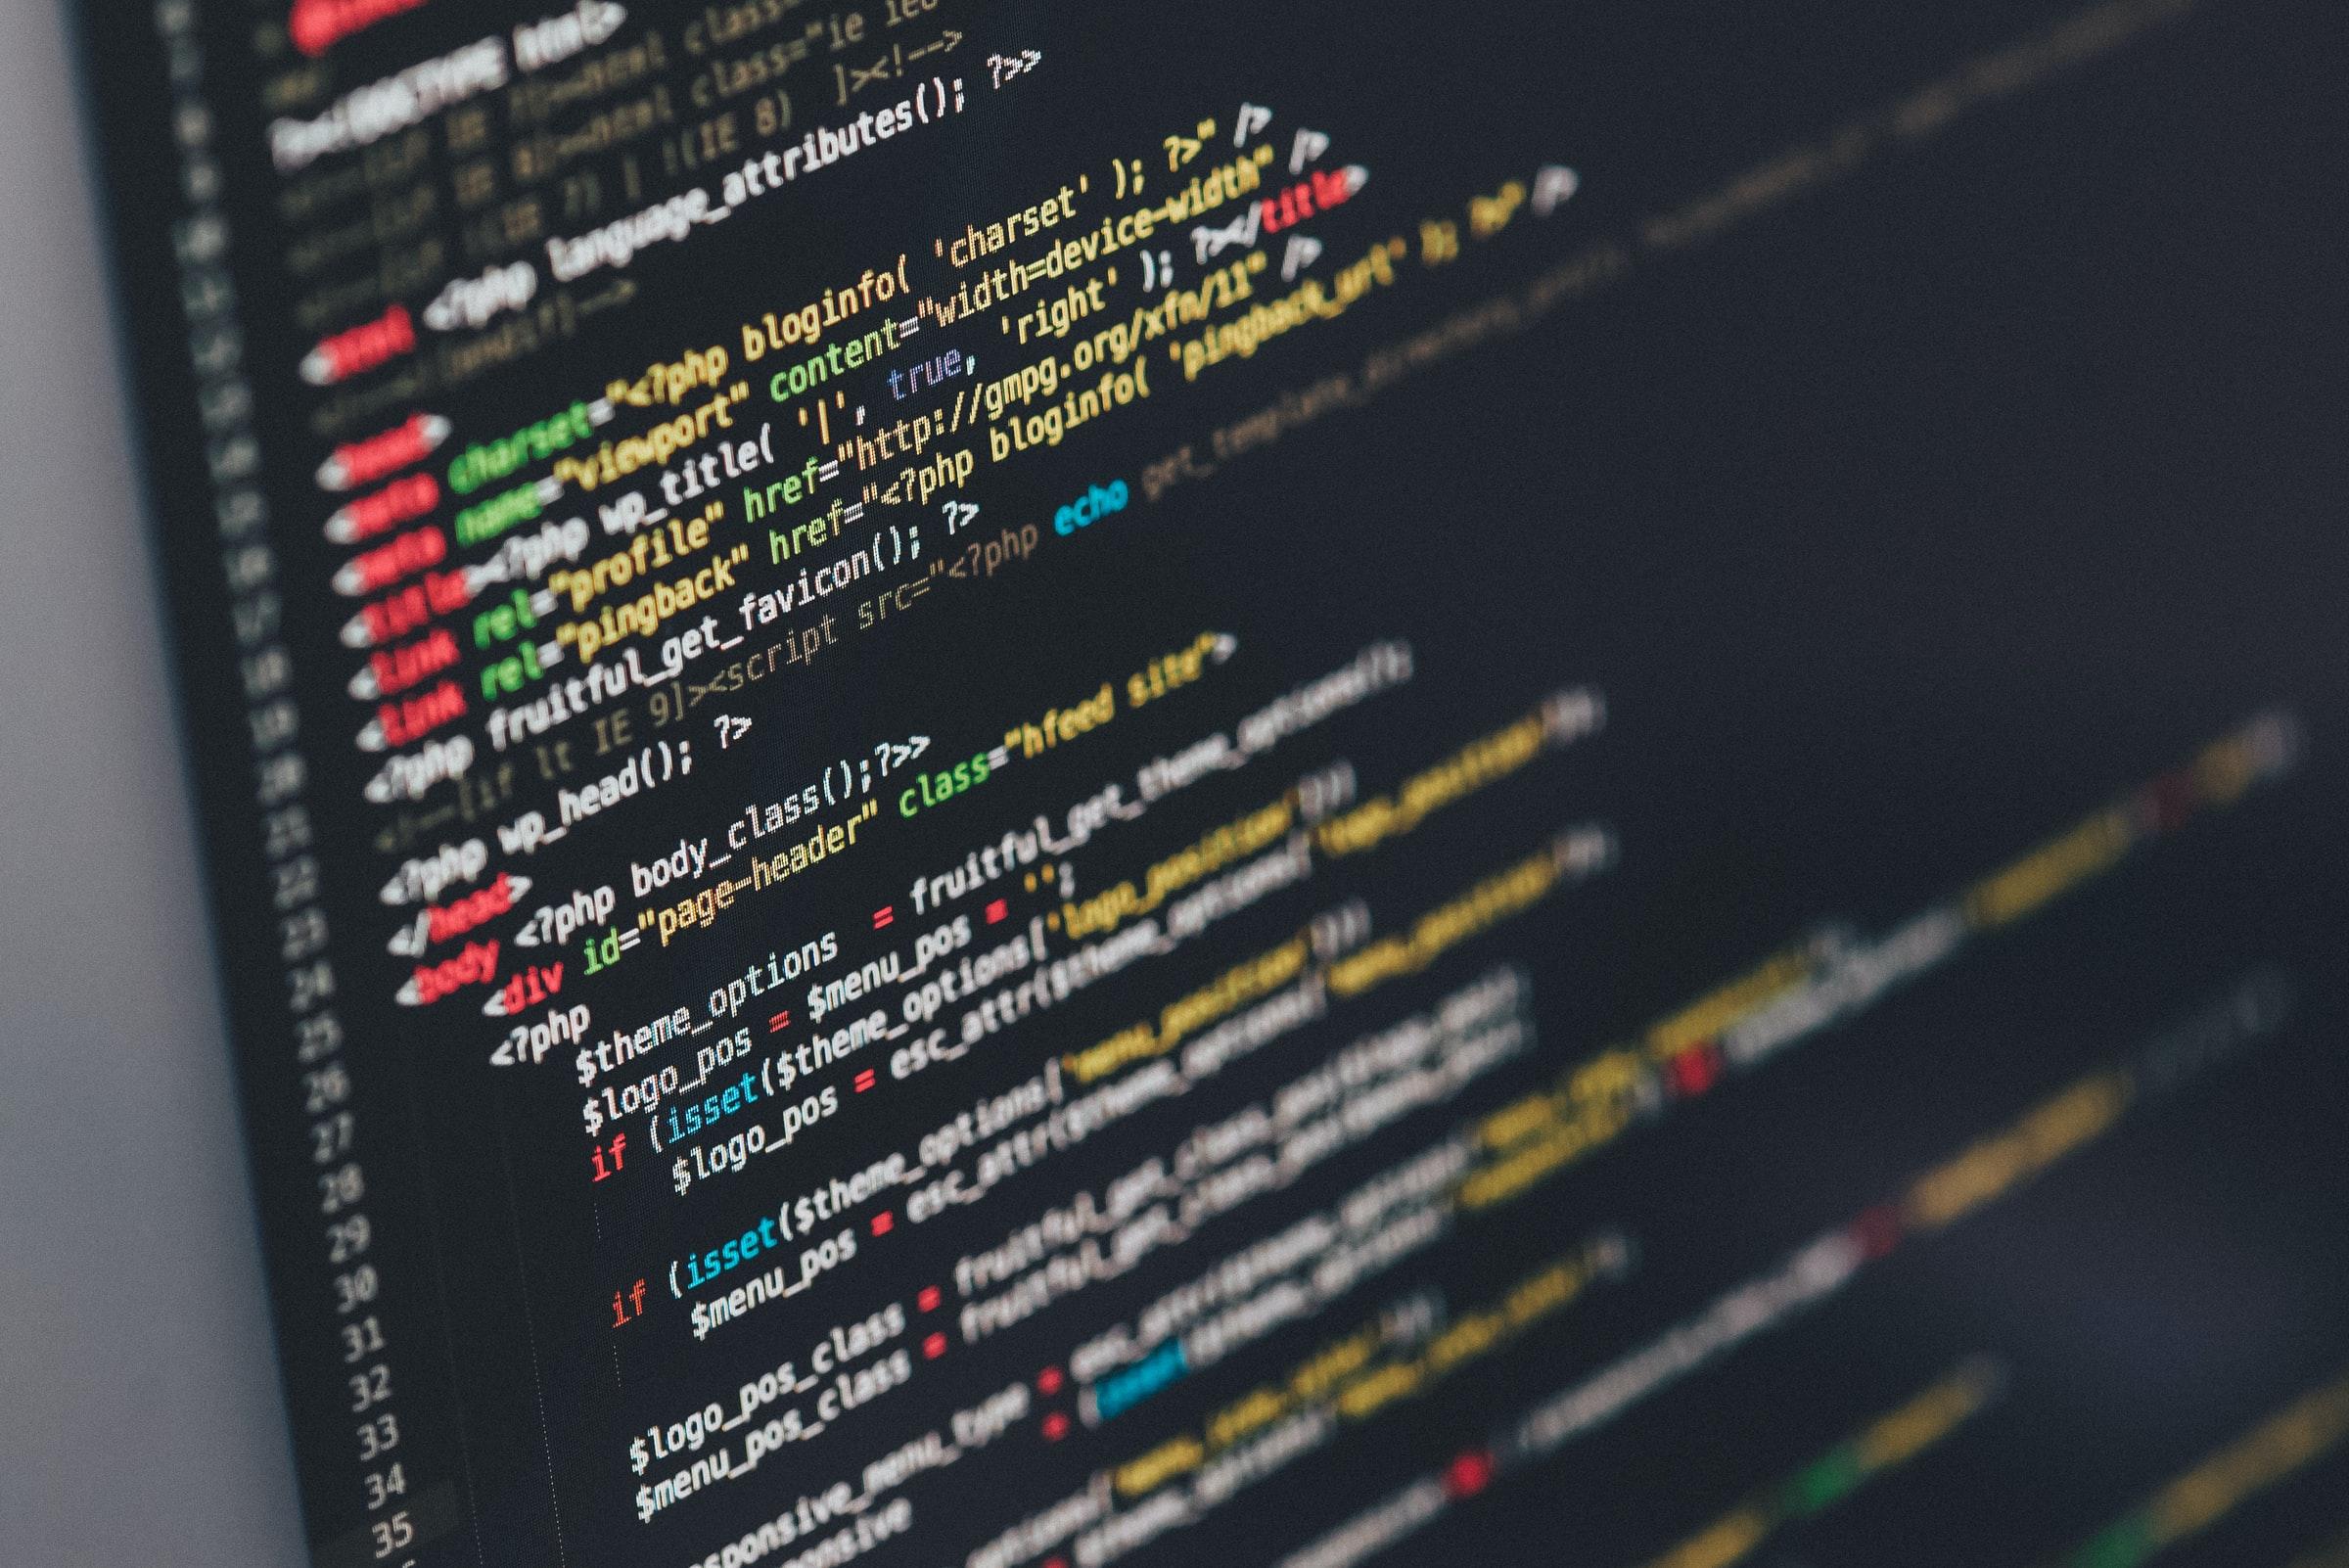 A screenshot of computer code